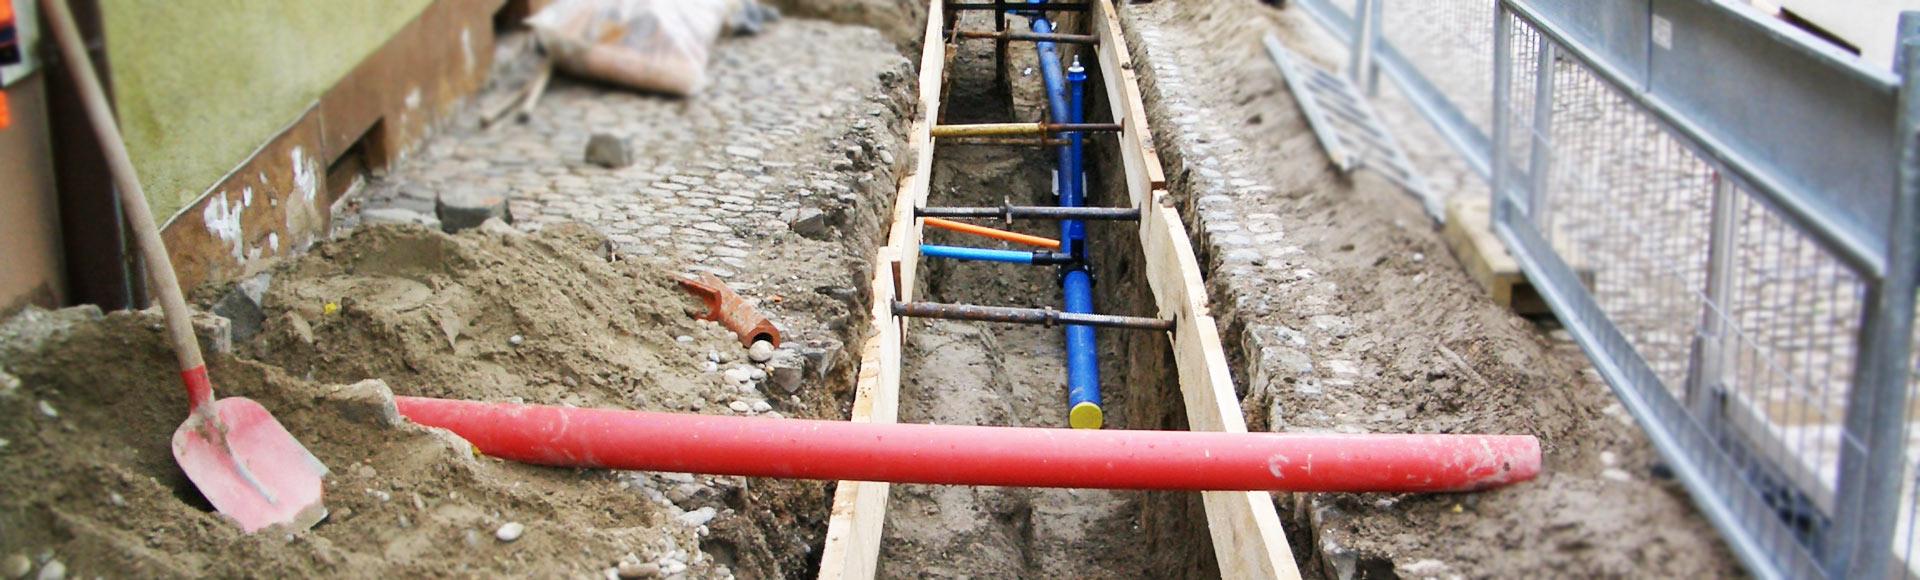 Menner Tiefbau Breisach Leitungsbautiefbau